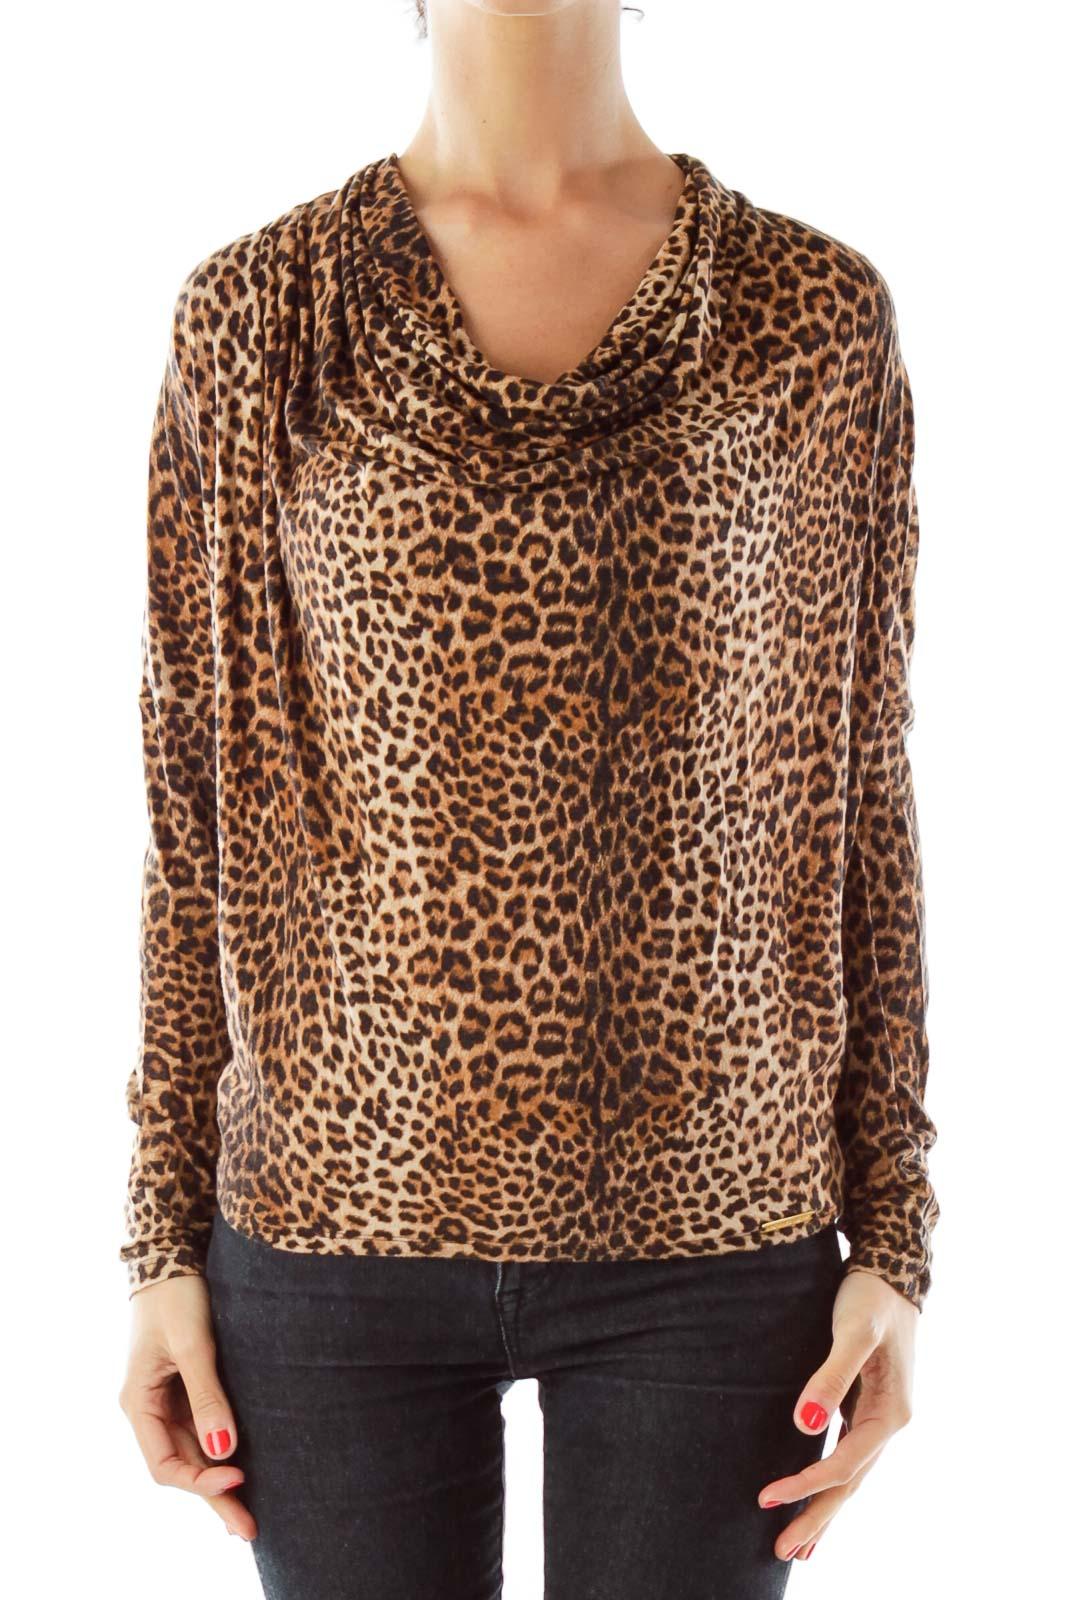 303e2b23cafc4 Brown black cheetah print top silkroll jpg 1067x1600 Cheetah print top